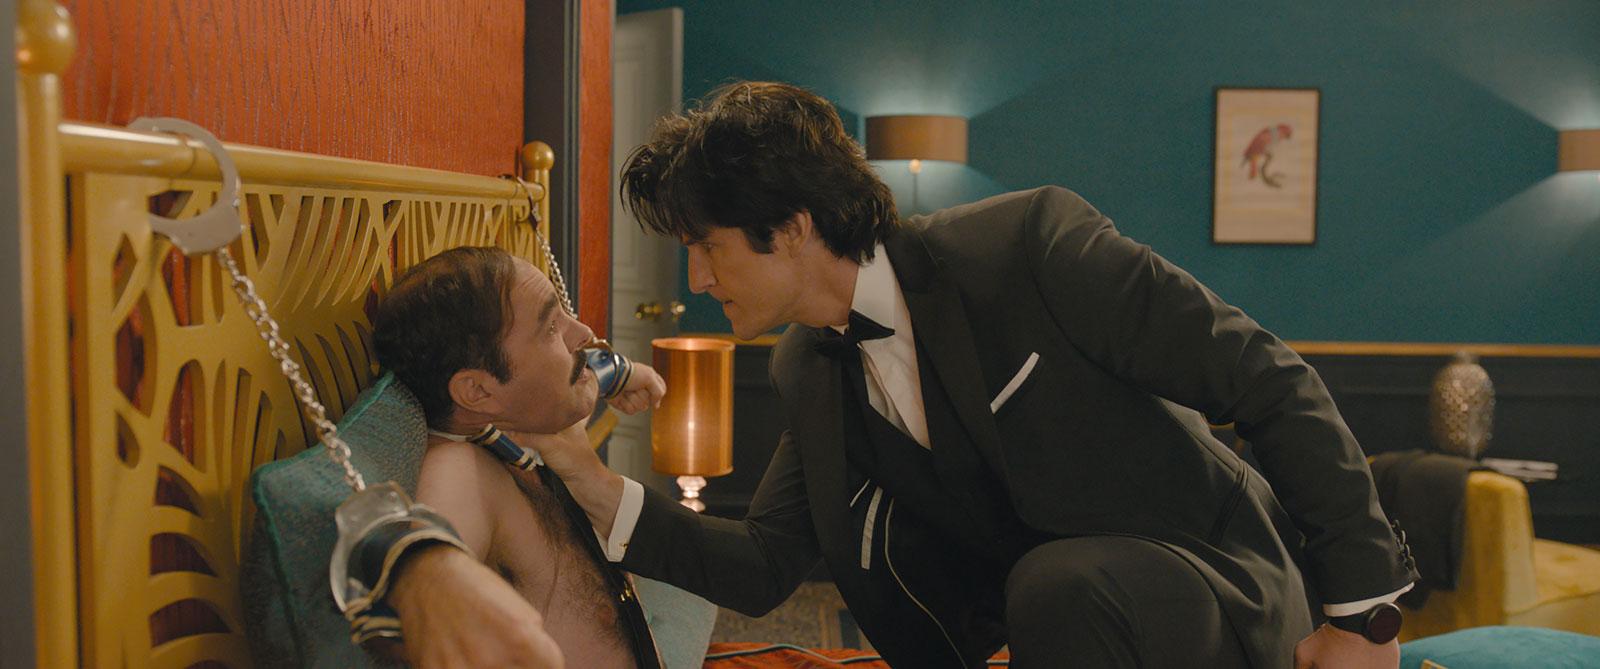 Nicky Larson et le parfum de Cupidon film critique